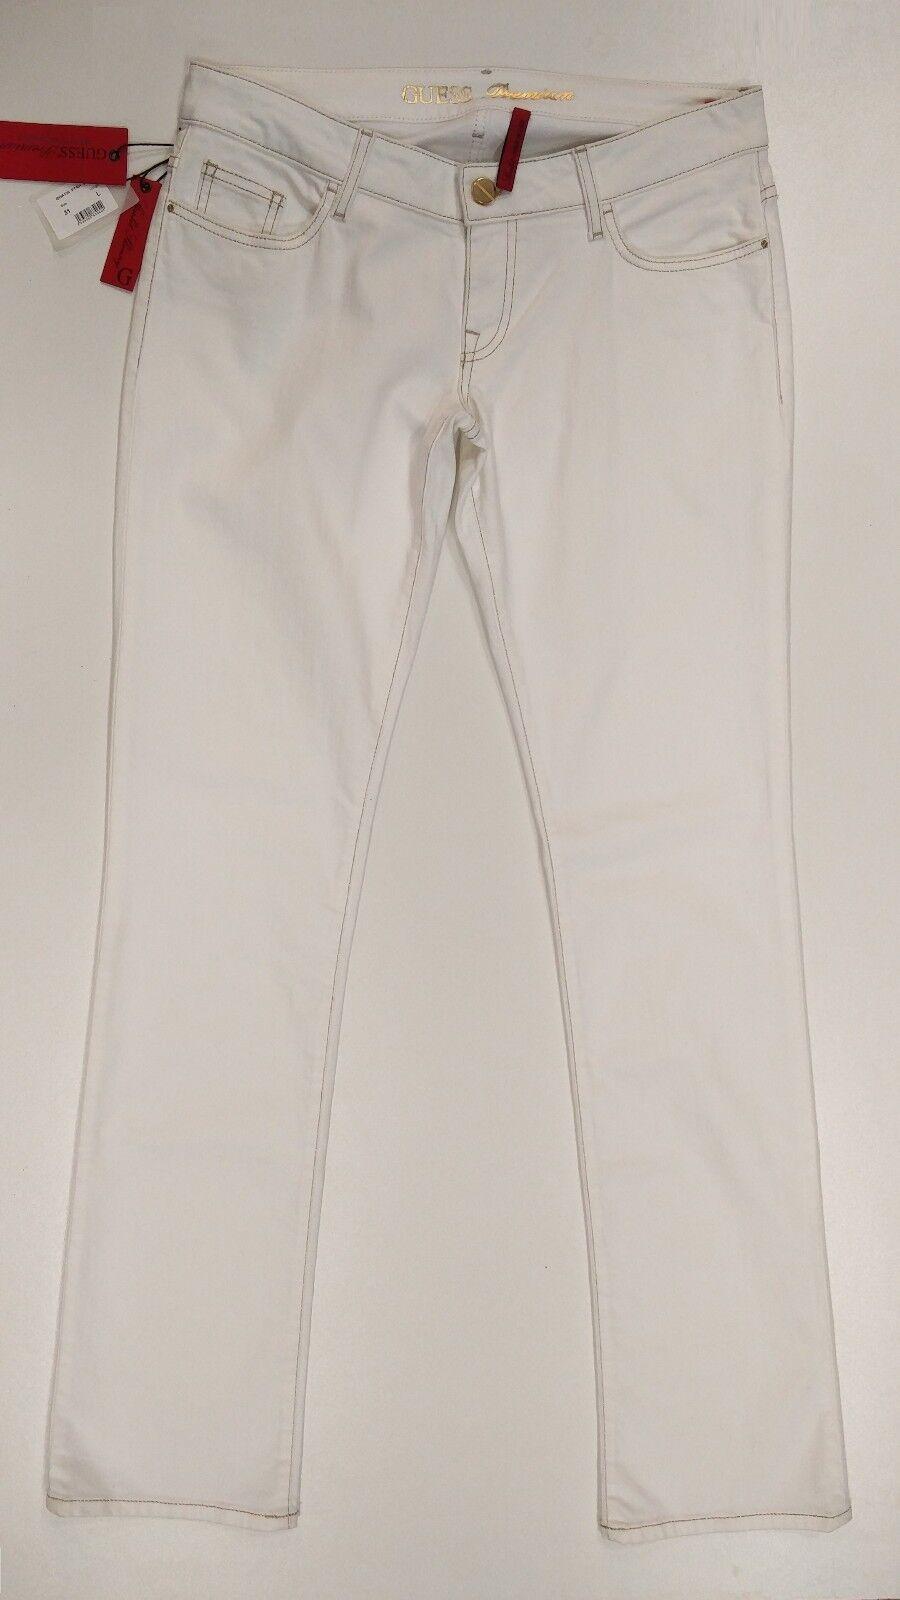 GUESS JEANS PREMIUN women GWA125-ET401 Jeans Bianco   White Skinny Low Rise